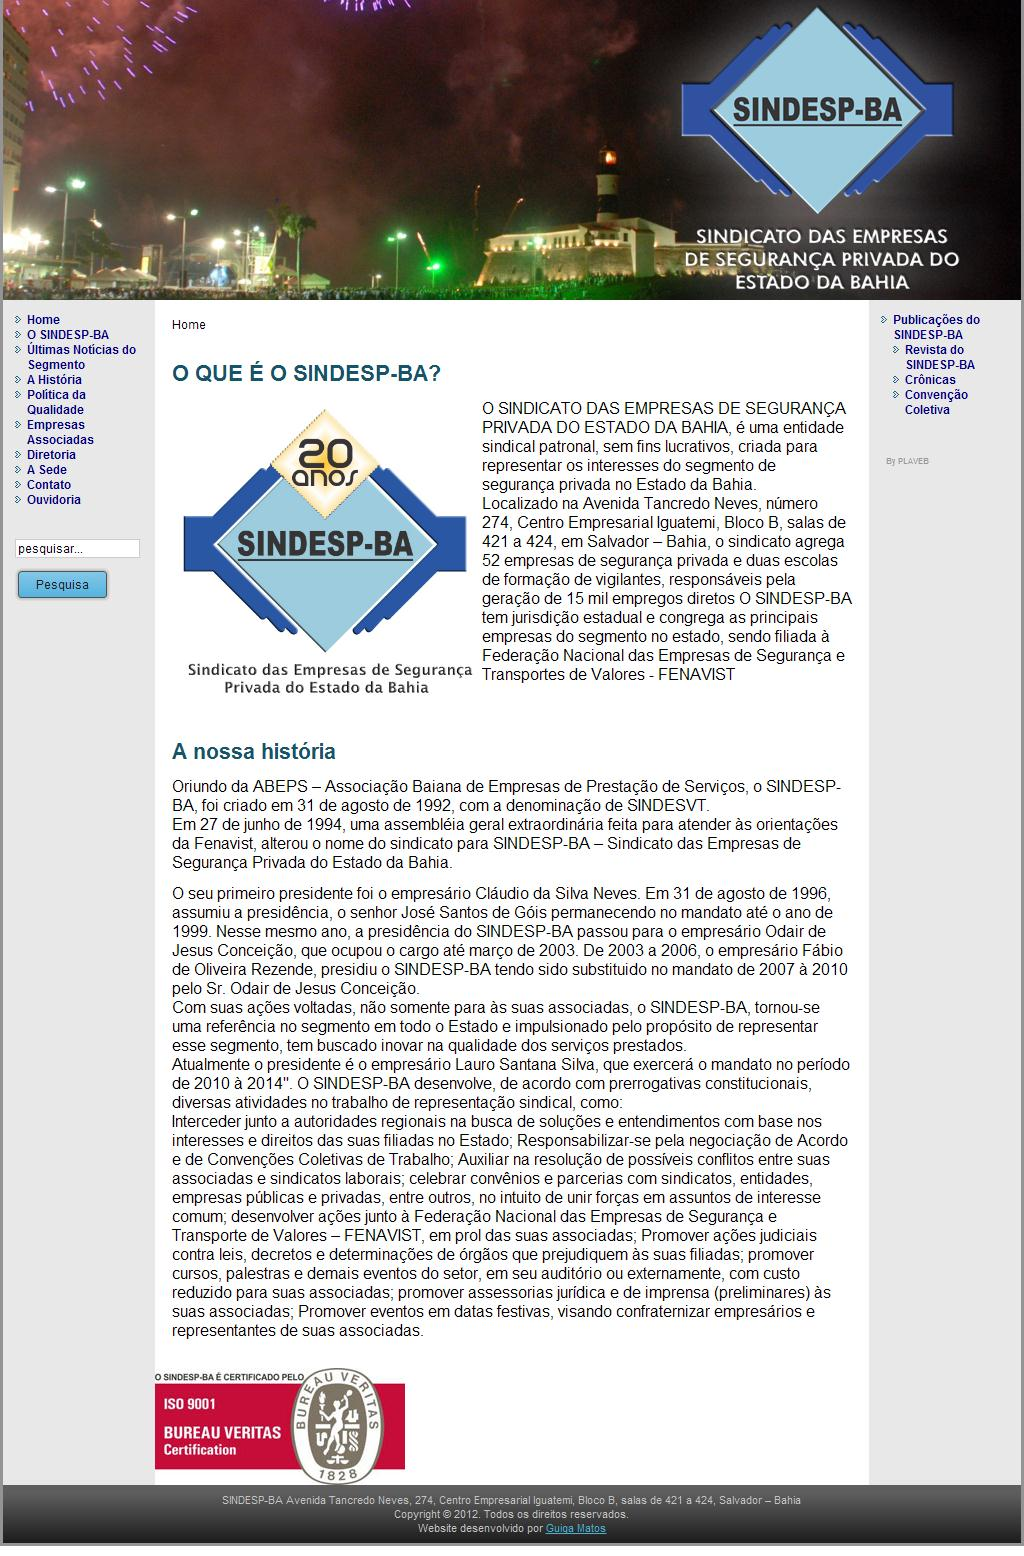 SINDESP-BA Sindicato das Empresas de Segurança Privada do Estado da Bahia